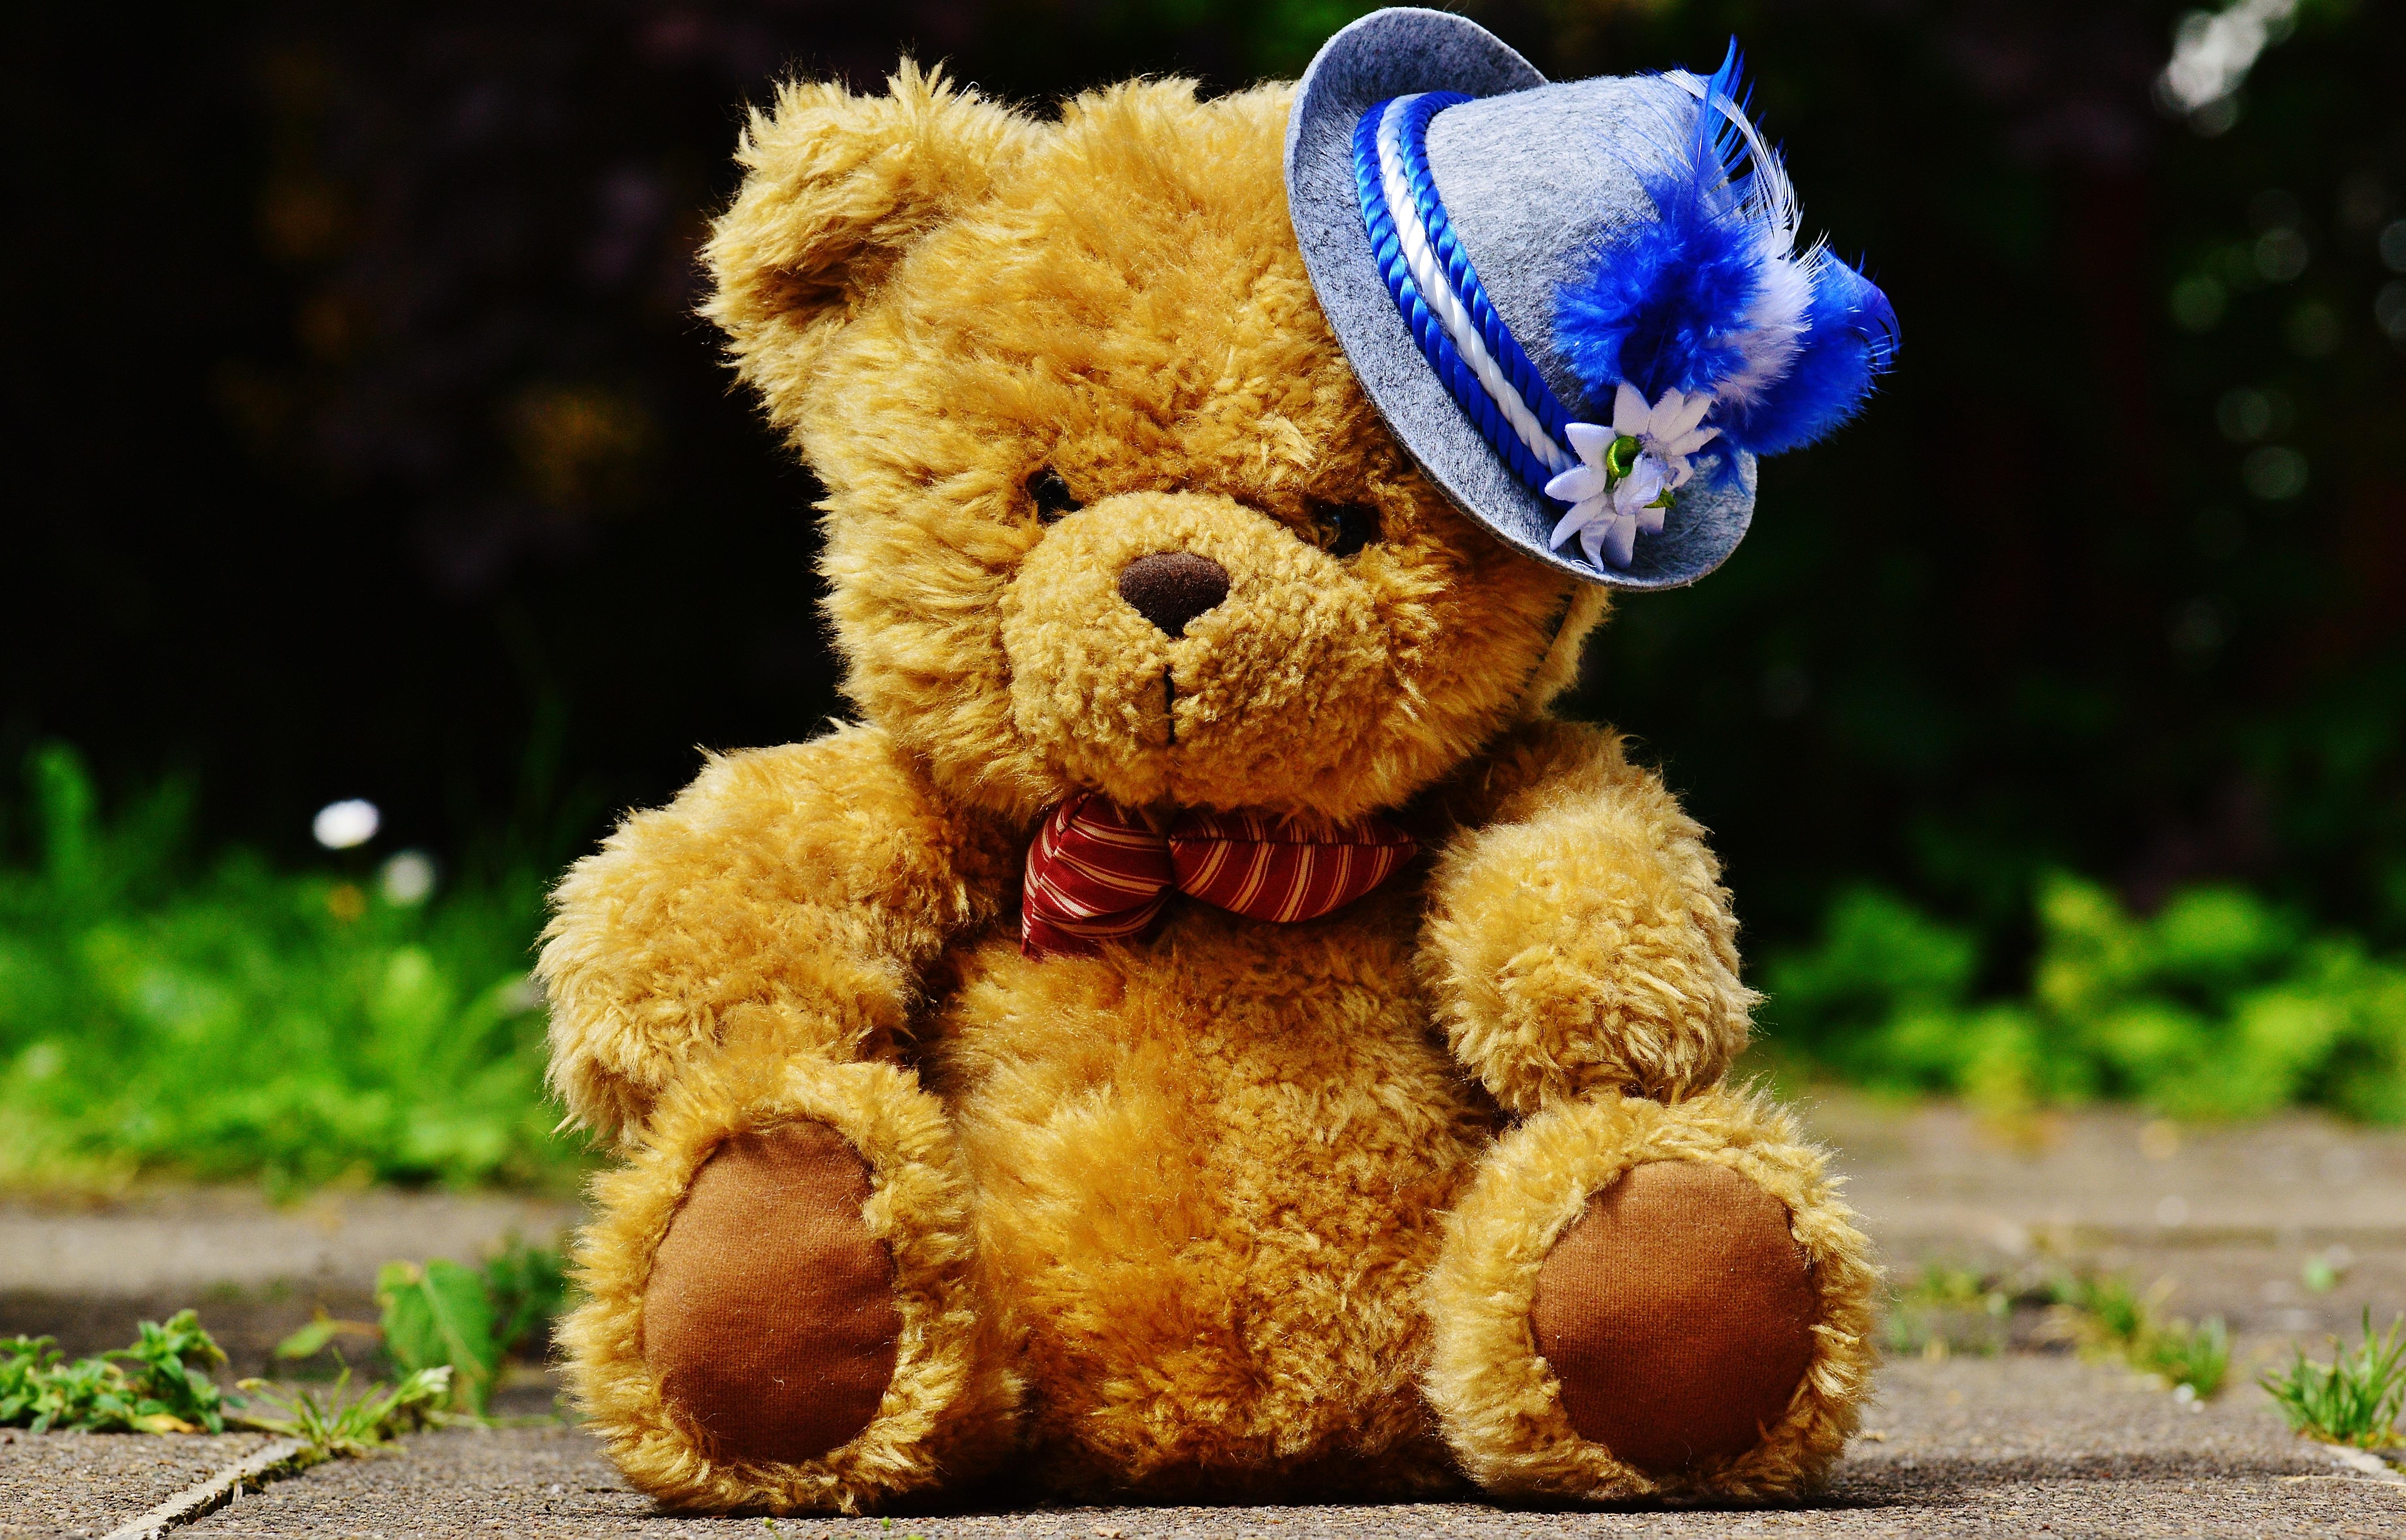 Kostenlose foto : niedlich, Hut, Spielzeug, Bier, Teddybär, Textil ...